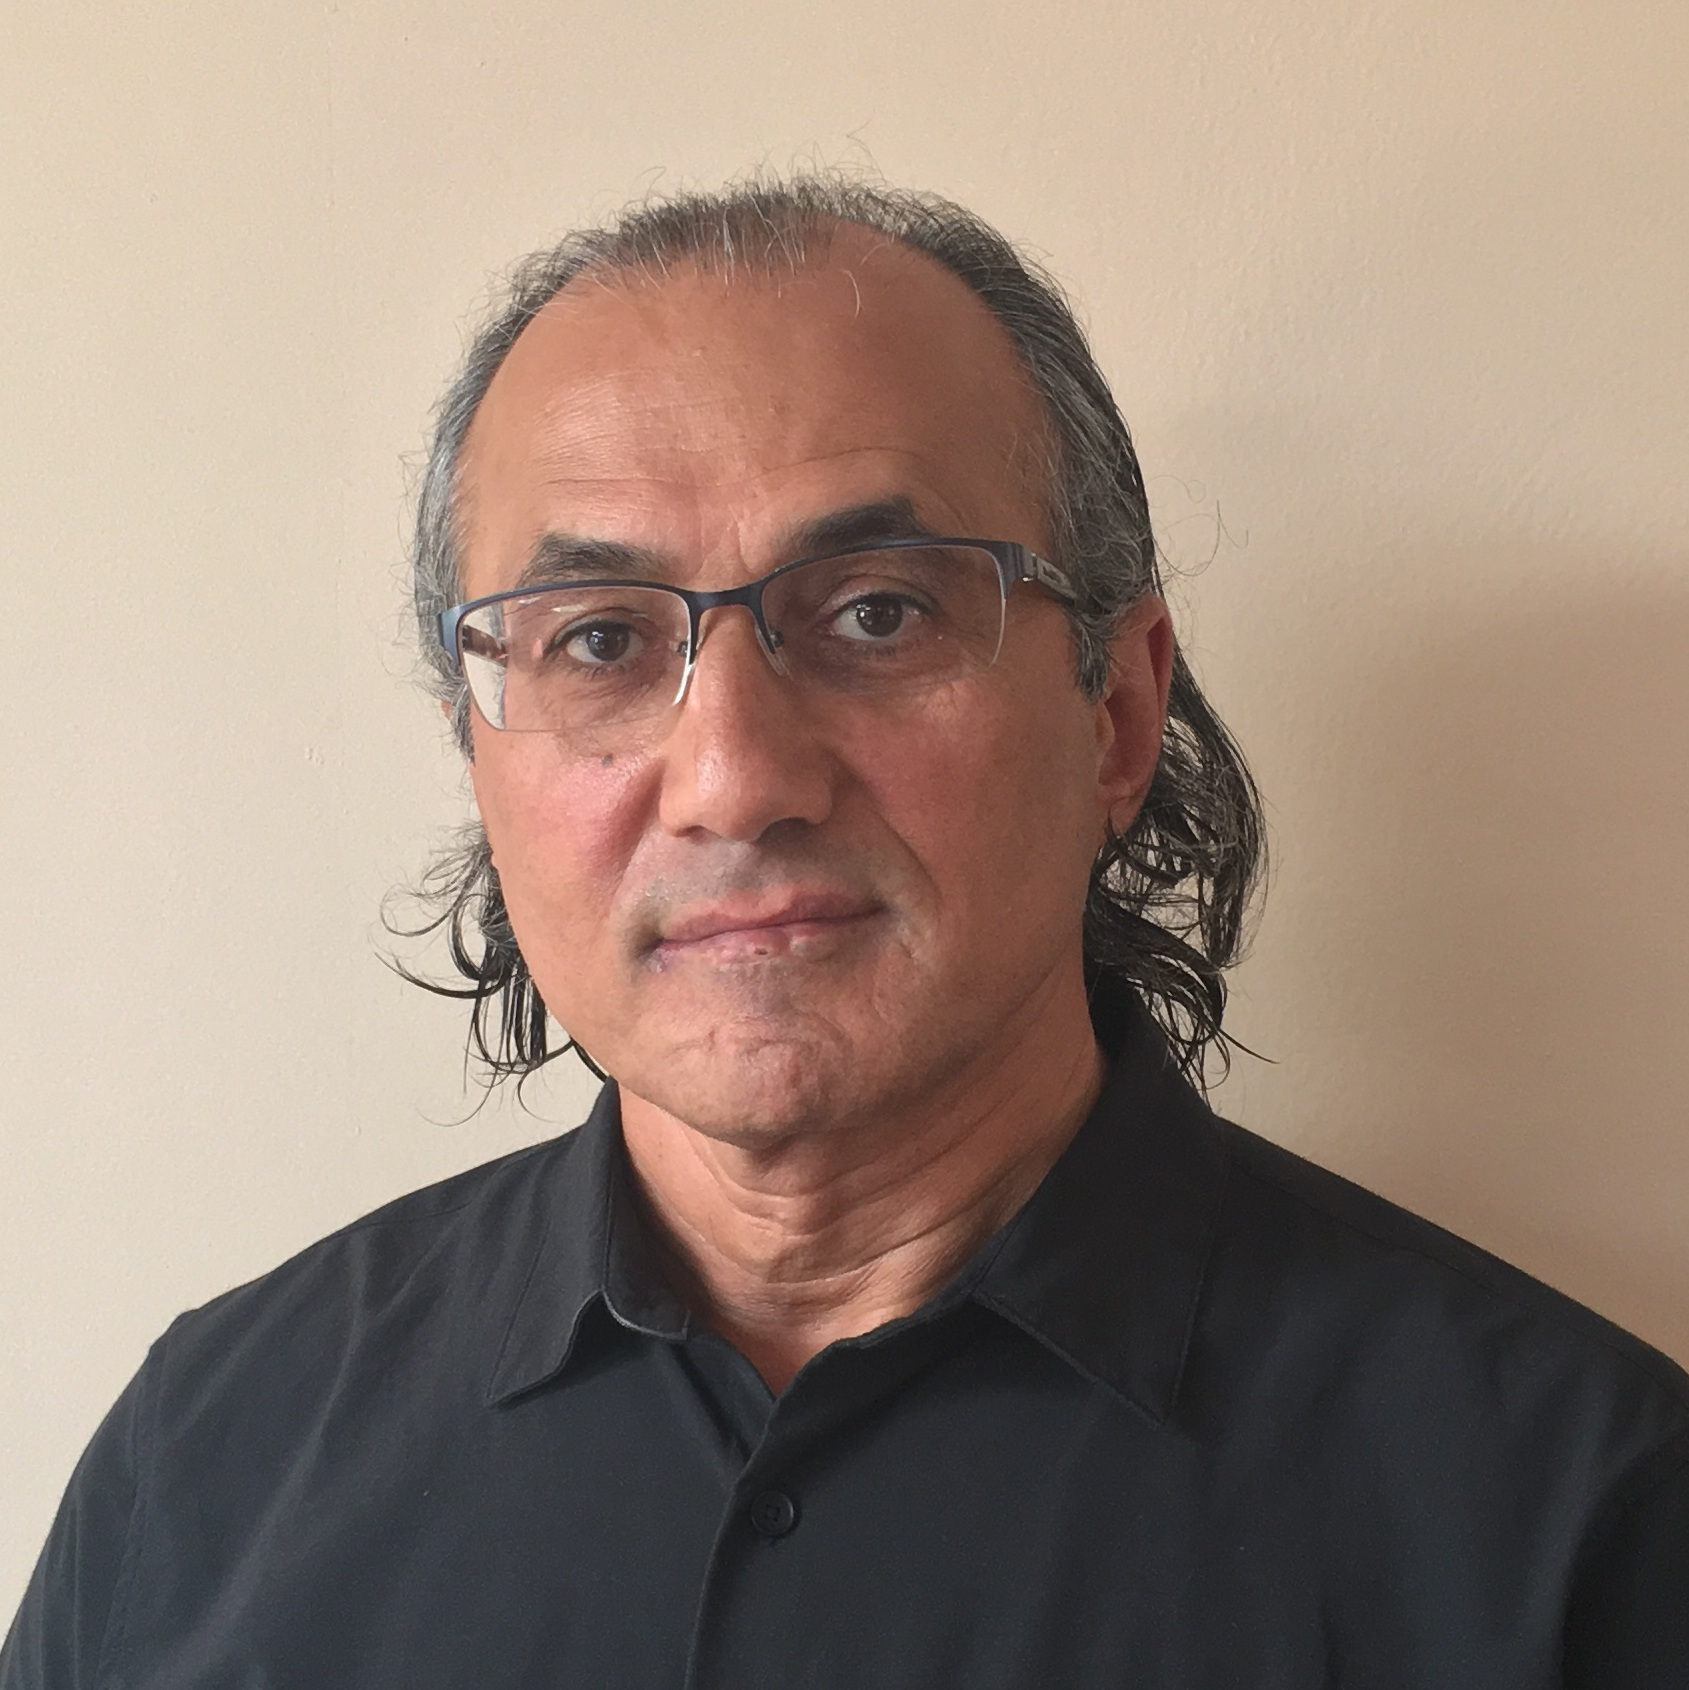 Mehrdad Nikoonahad